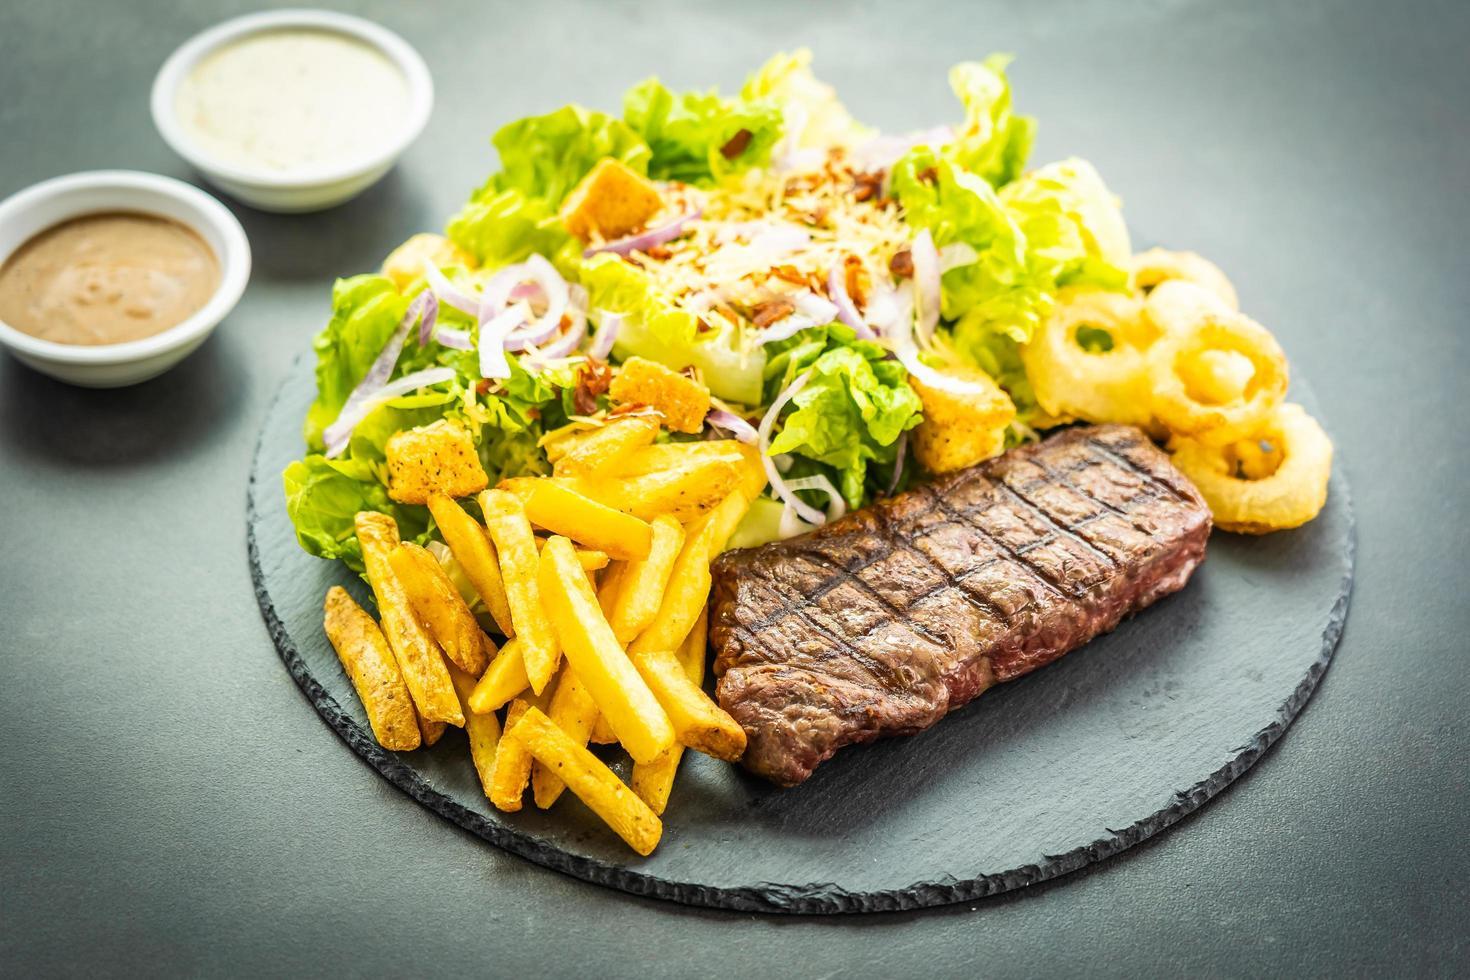 Filete de carne de ternera a la parrilla con patatas fritas aro de cebolla con salsa y verduras frescas foto